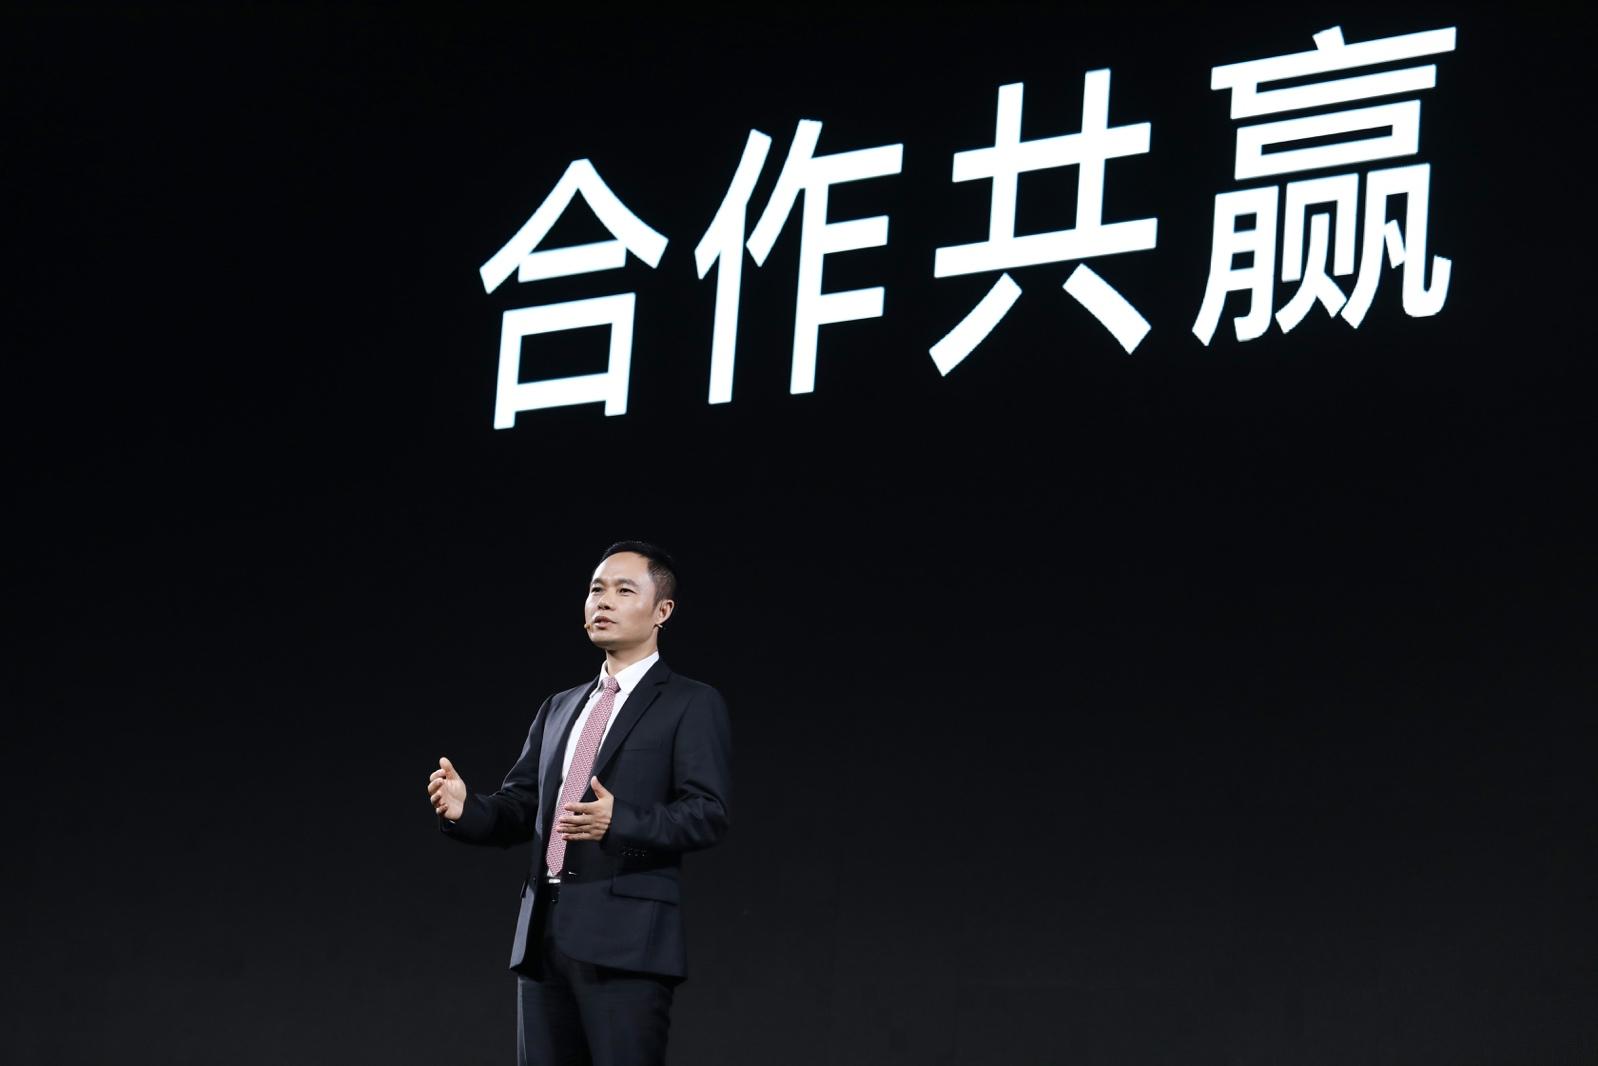 OPPO CEO陈明永:今年研发队伍将扩大到1万人以上